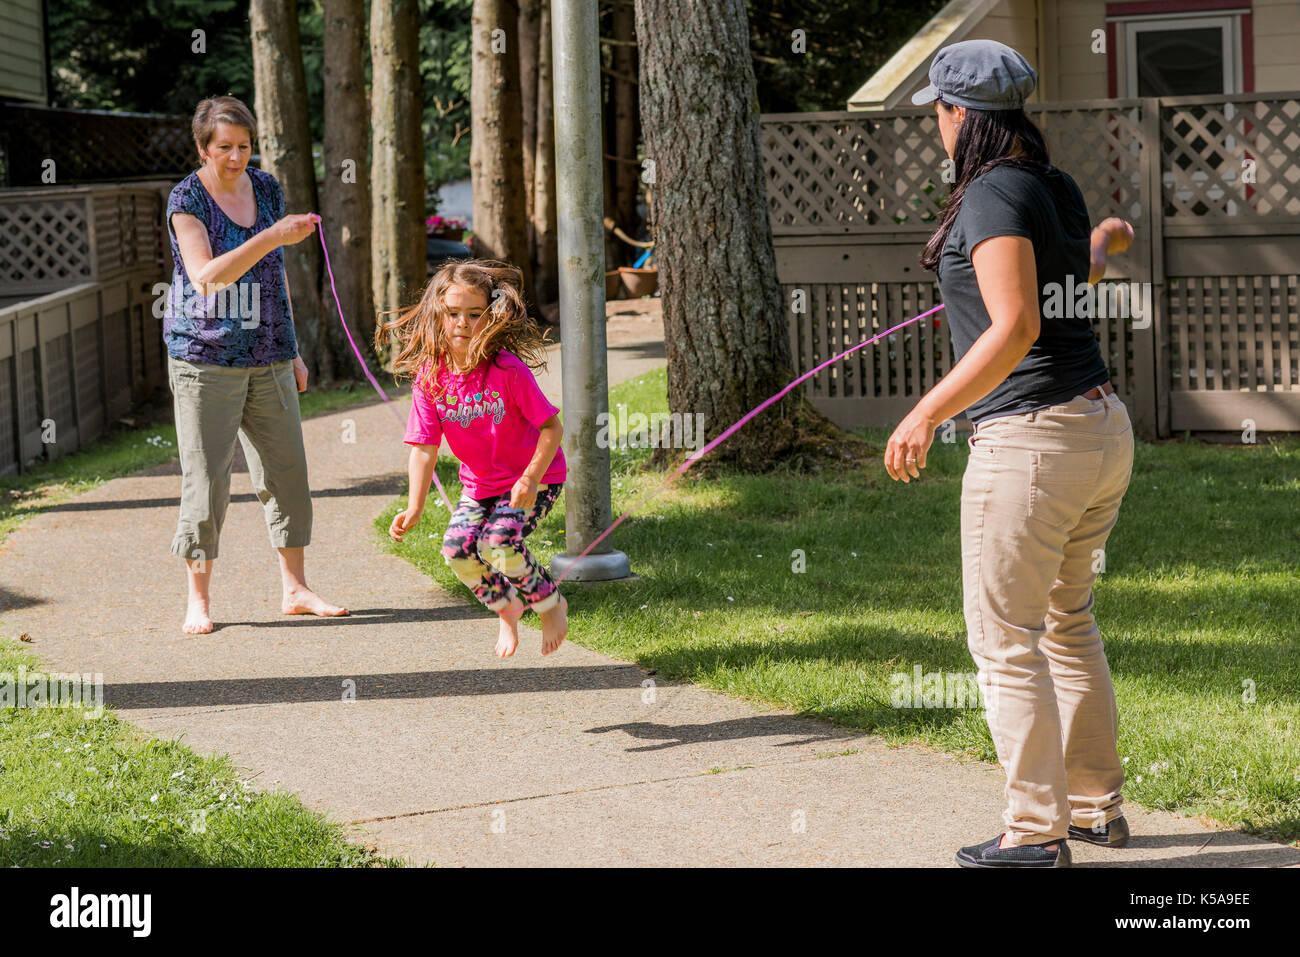 Junge Mädchen spielen Springseil Spiel mit Erwachsenen. Stockbild